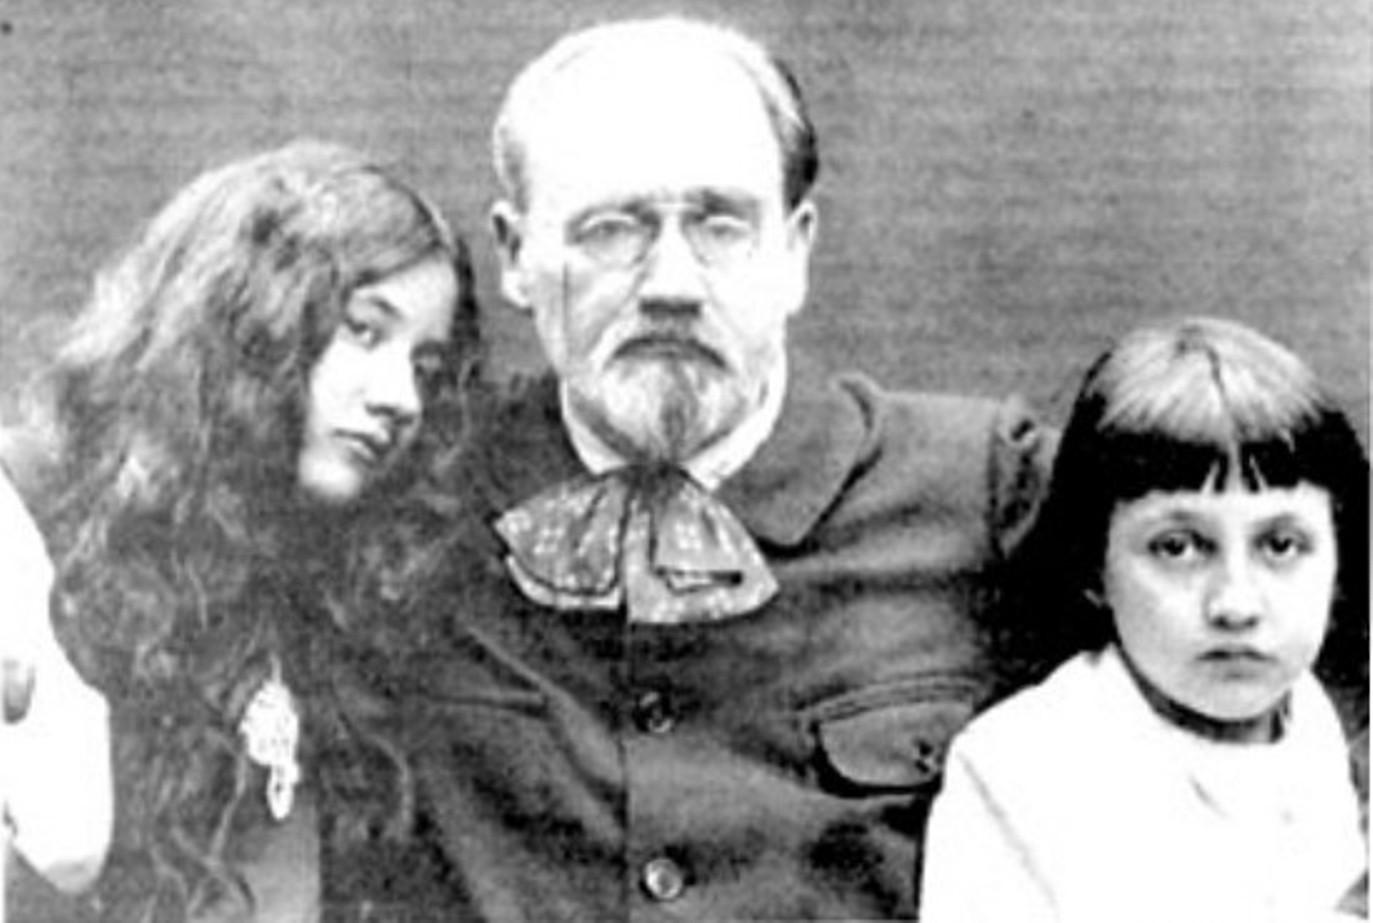 Image - Emile Zola et ses enfants, Denise et Jacques